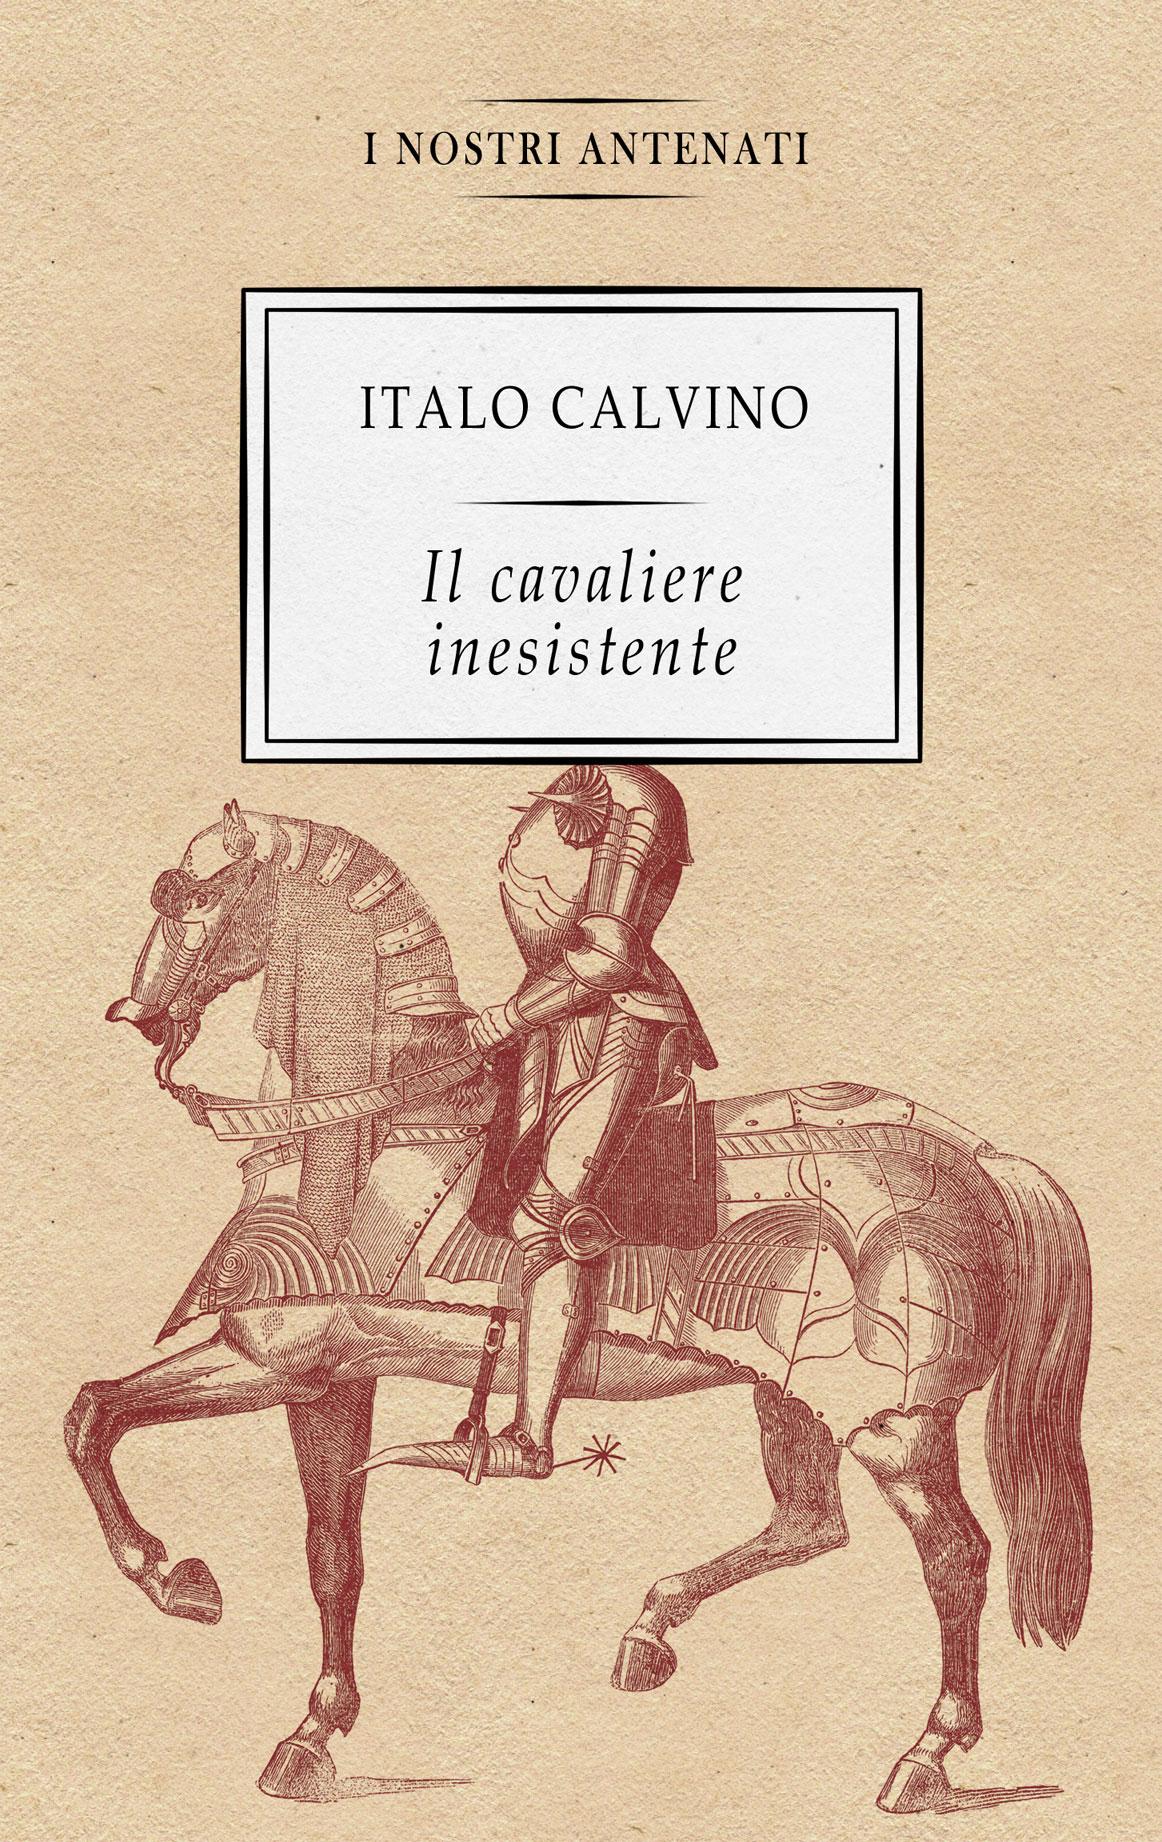 Italo Calvino - Il cavaliere inesistente